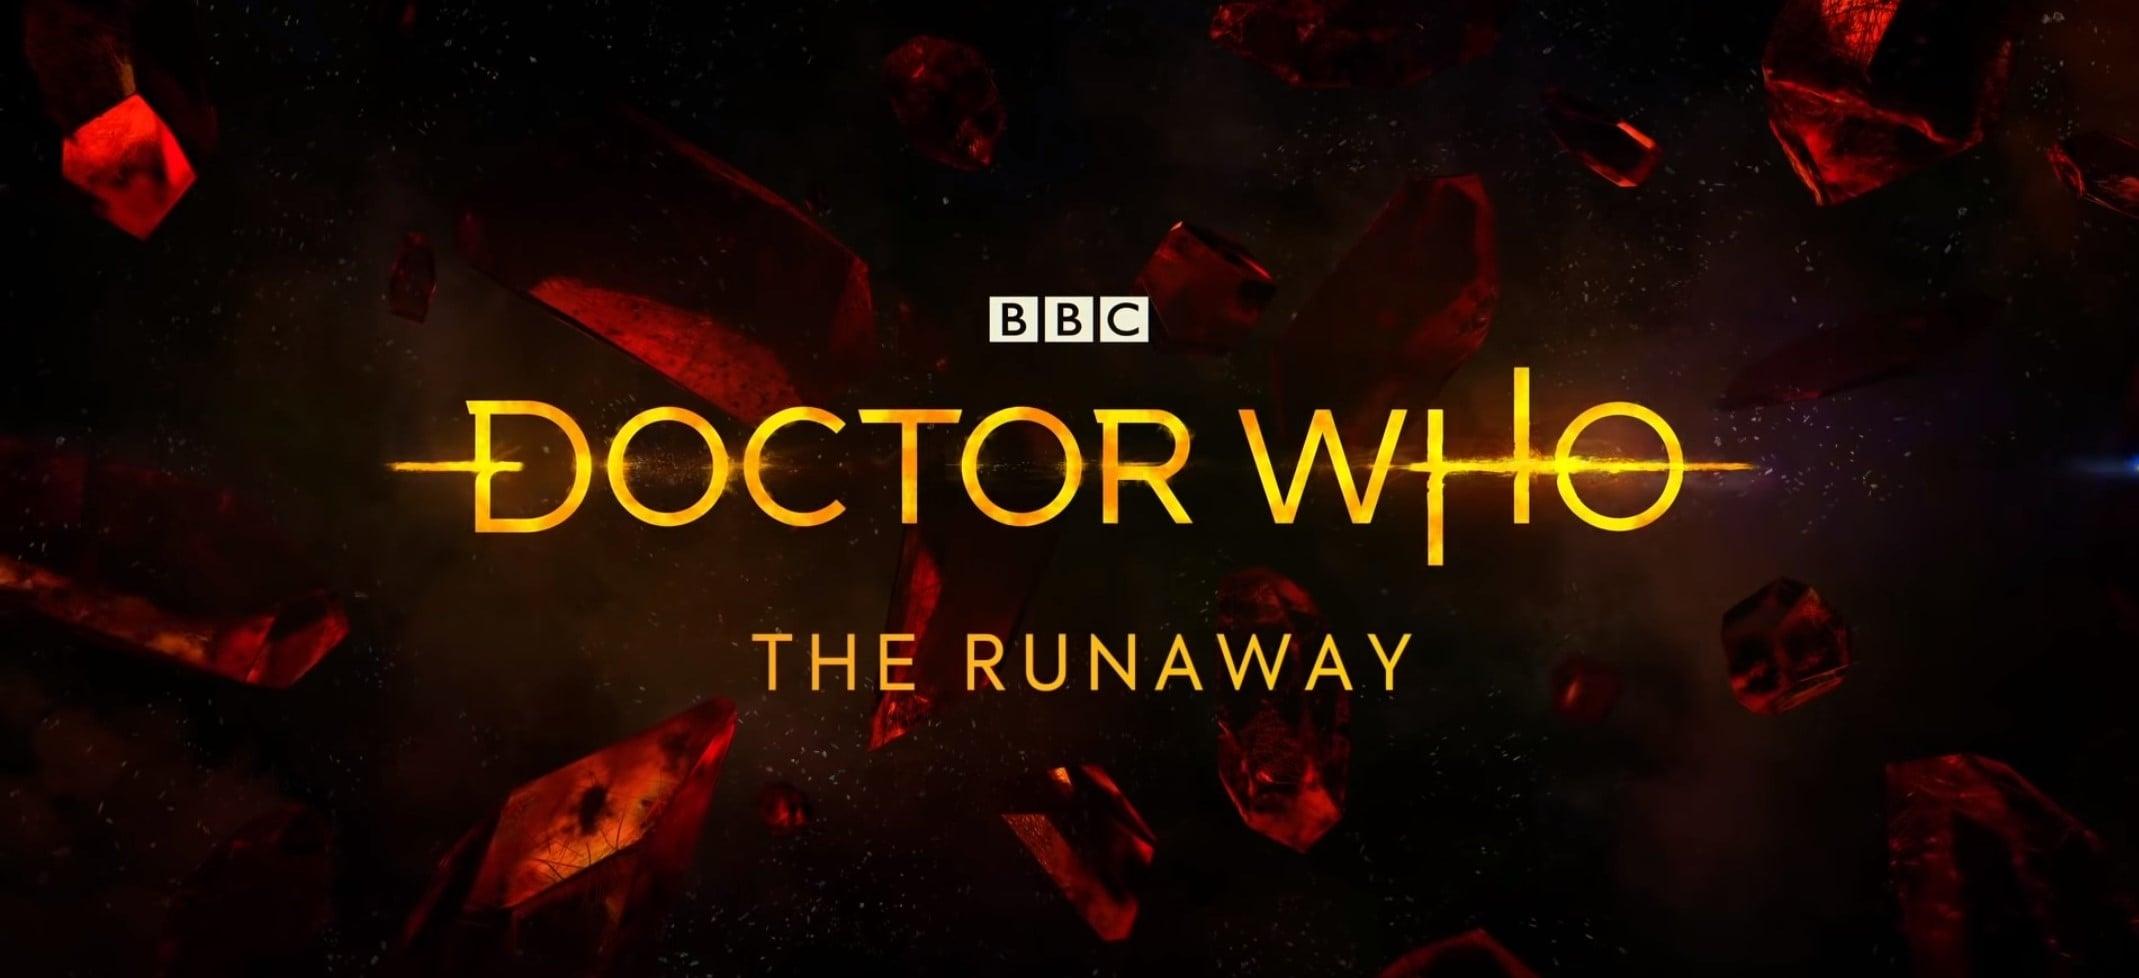 BBC przygotowuje darmowy film VR dla fanów serialu Doktor Who